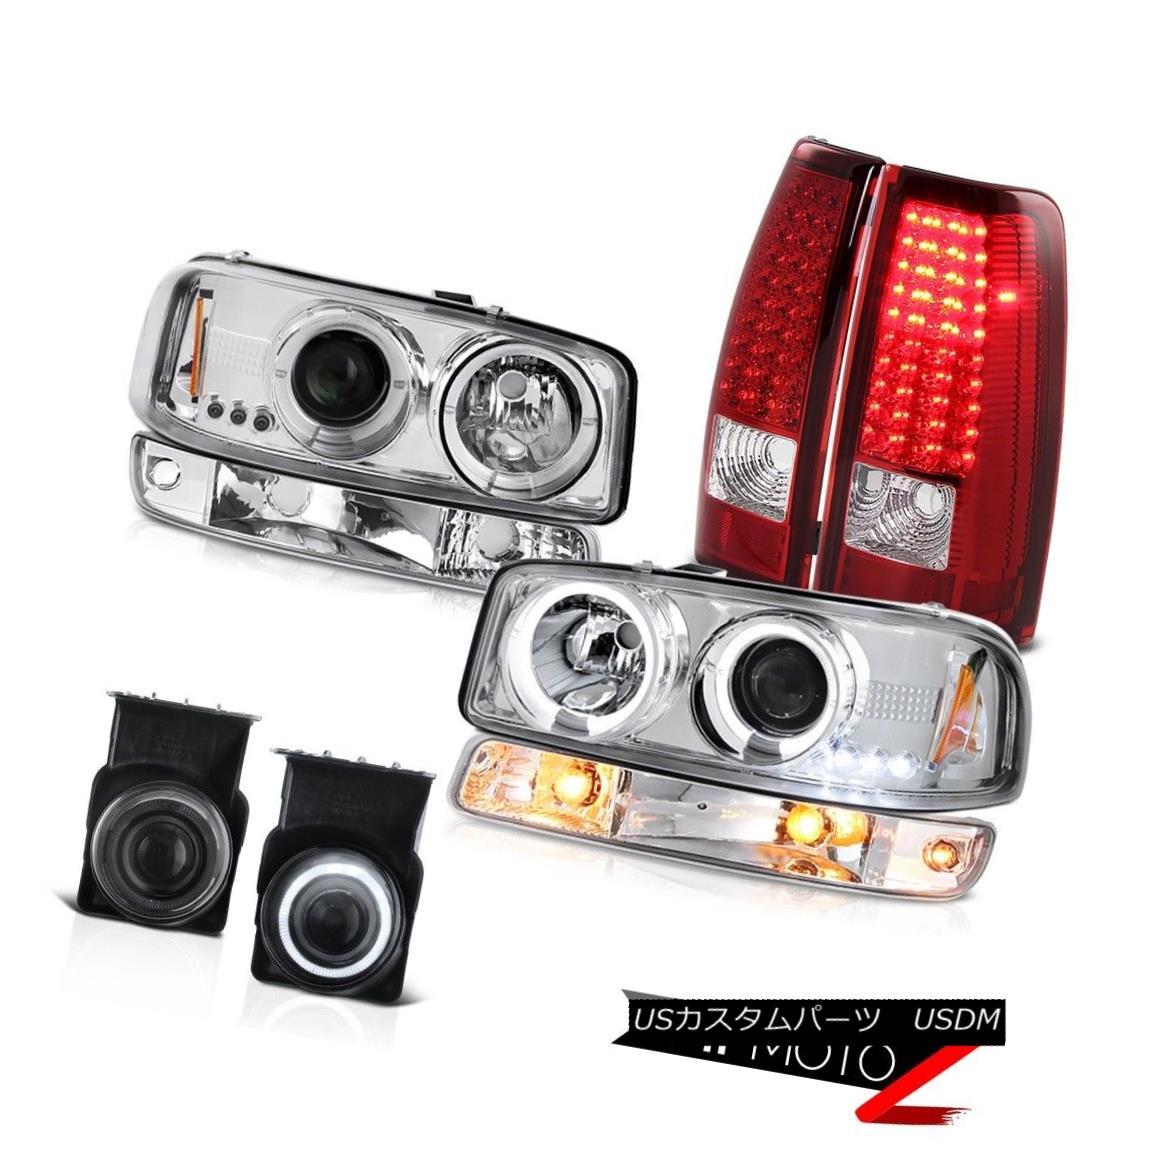 テールライト 03-06 Sierra SLT Foglamps red clear taillamps euro chrome bumper light headlamps 03-06 Sierra SLT Foglamps赤色クリアテールライトユーロクロムバンパーライトヘッドランプ